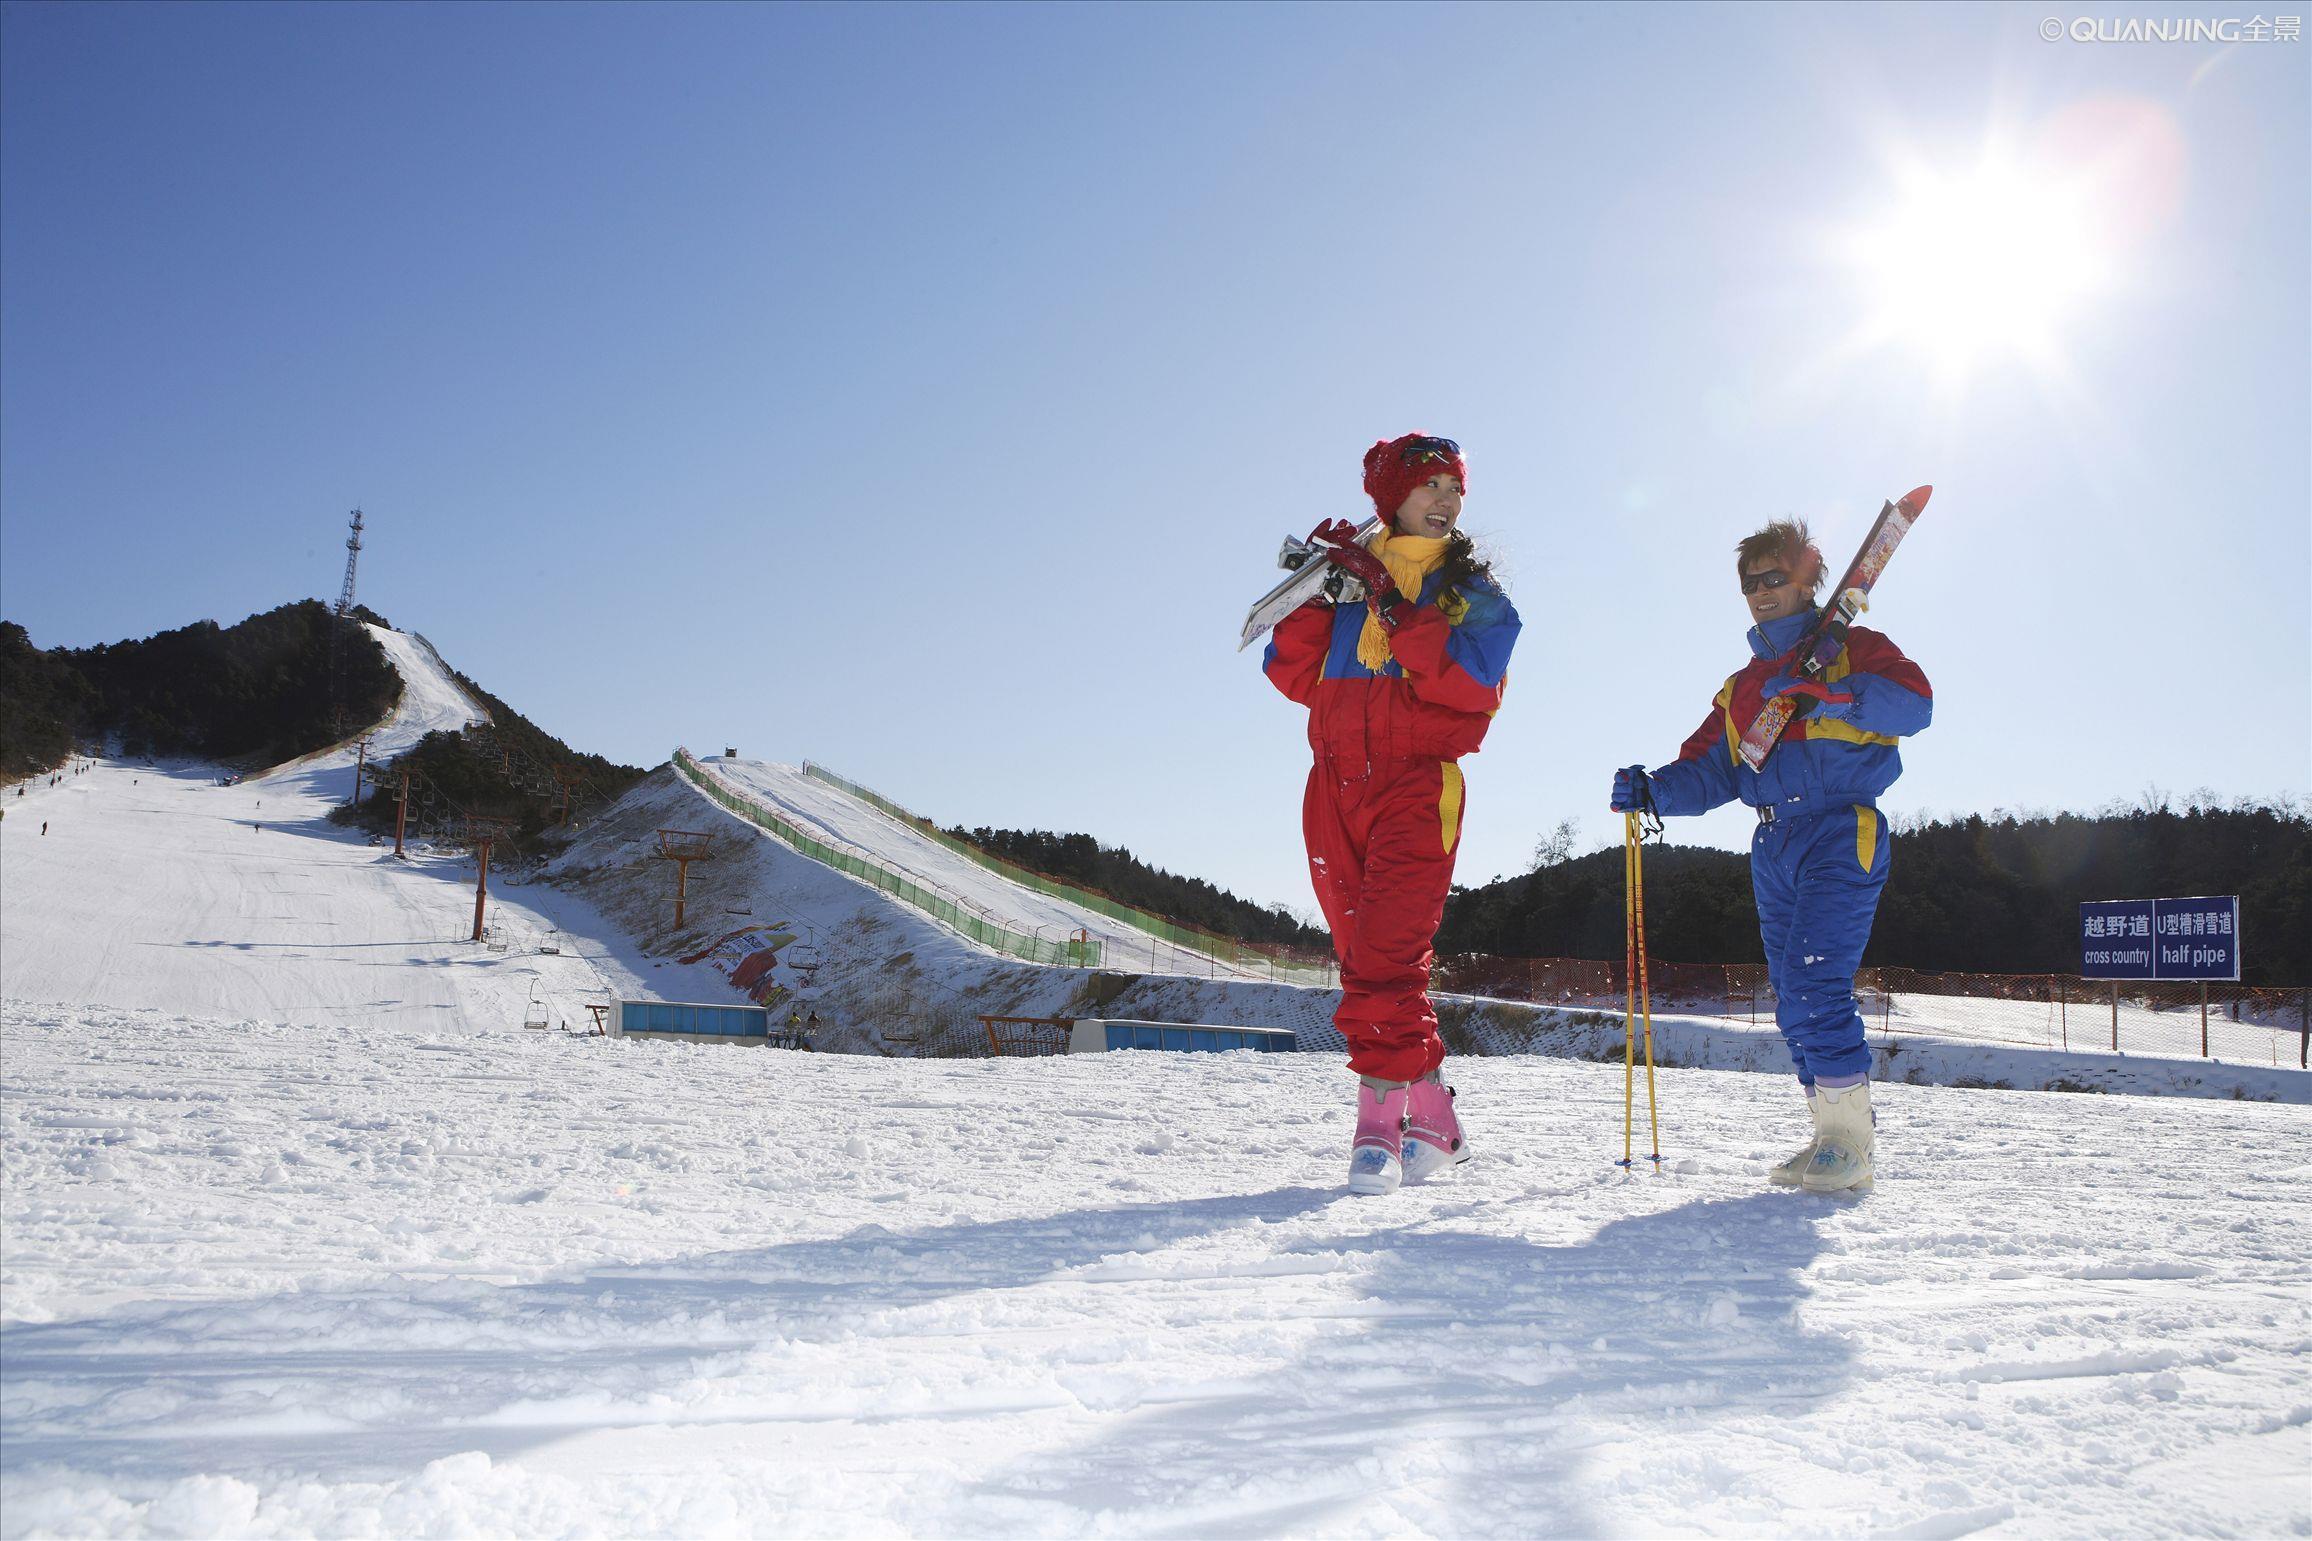 吉林雾凇岛万达激情滑雪长白山中国雪乡亚布力哈尔滨7天6晚跟团游